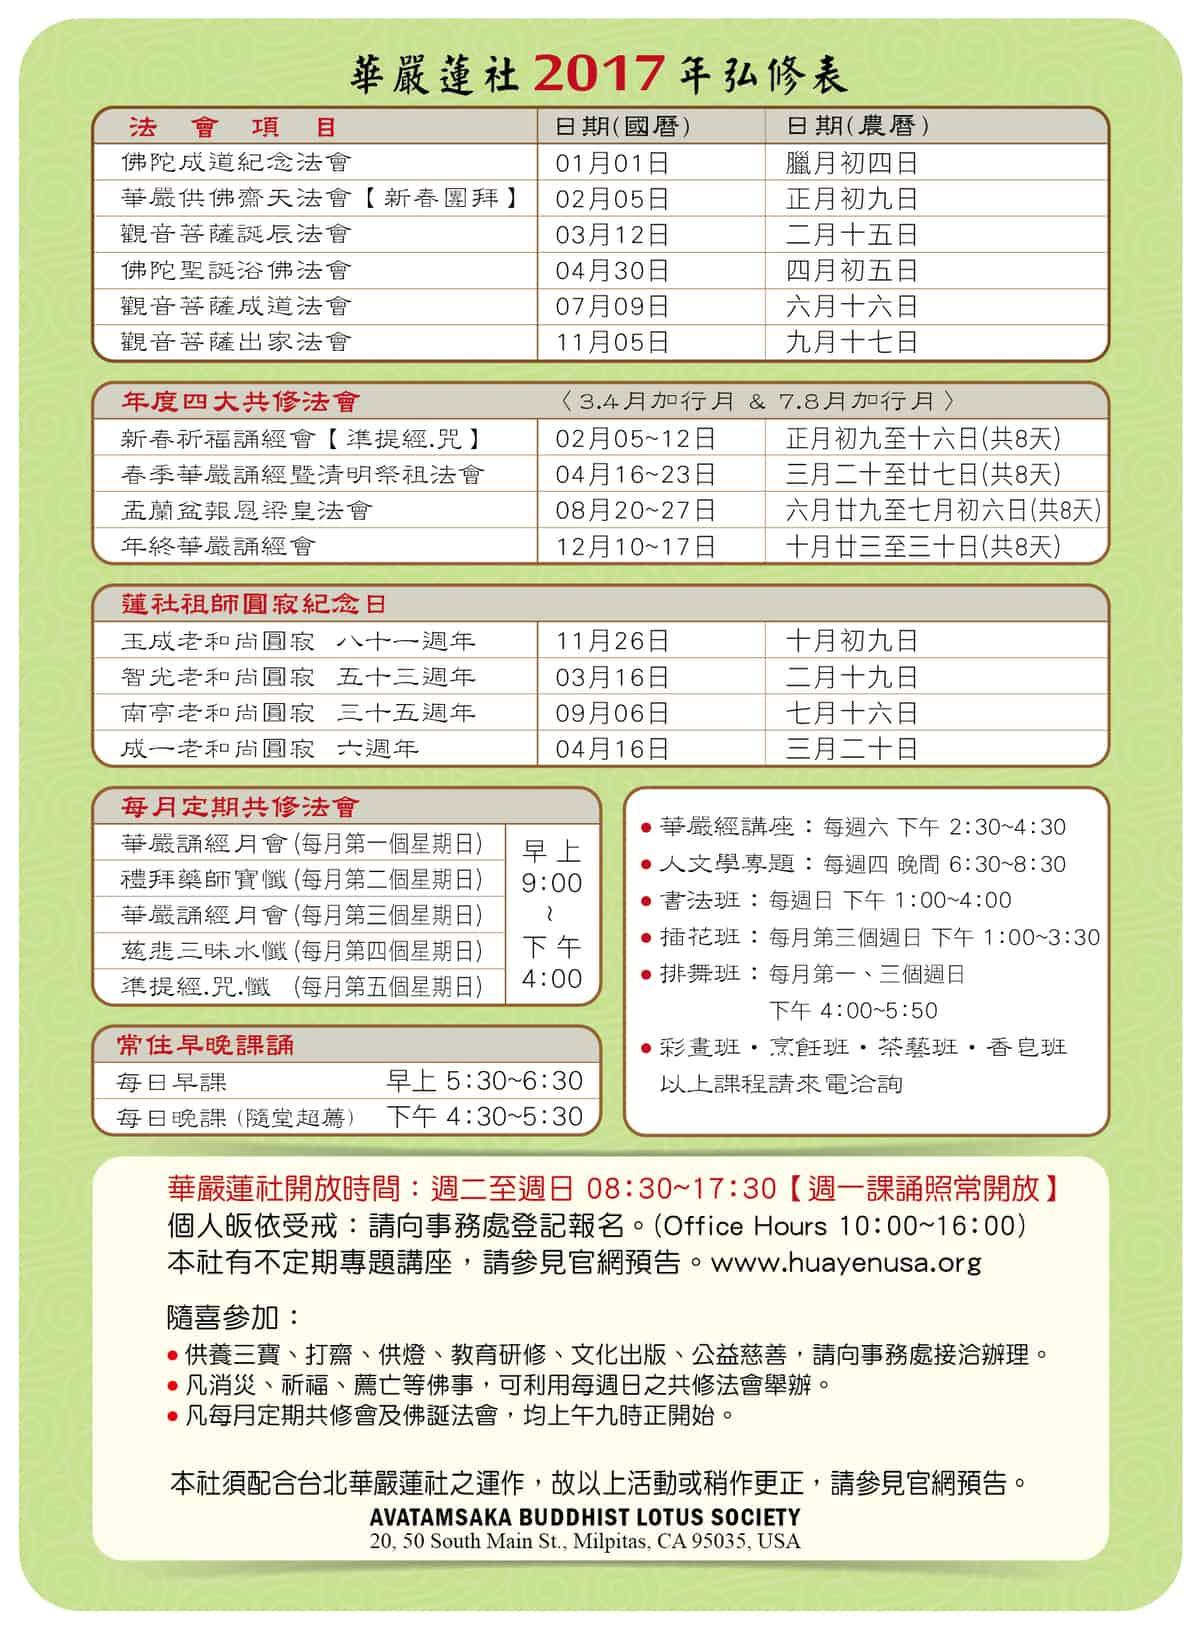 2017-calendar-WEBSITE-弘修表